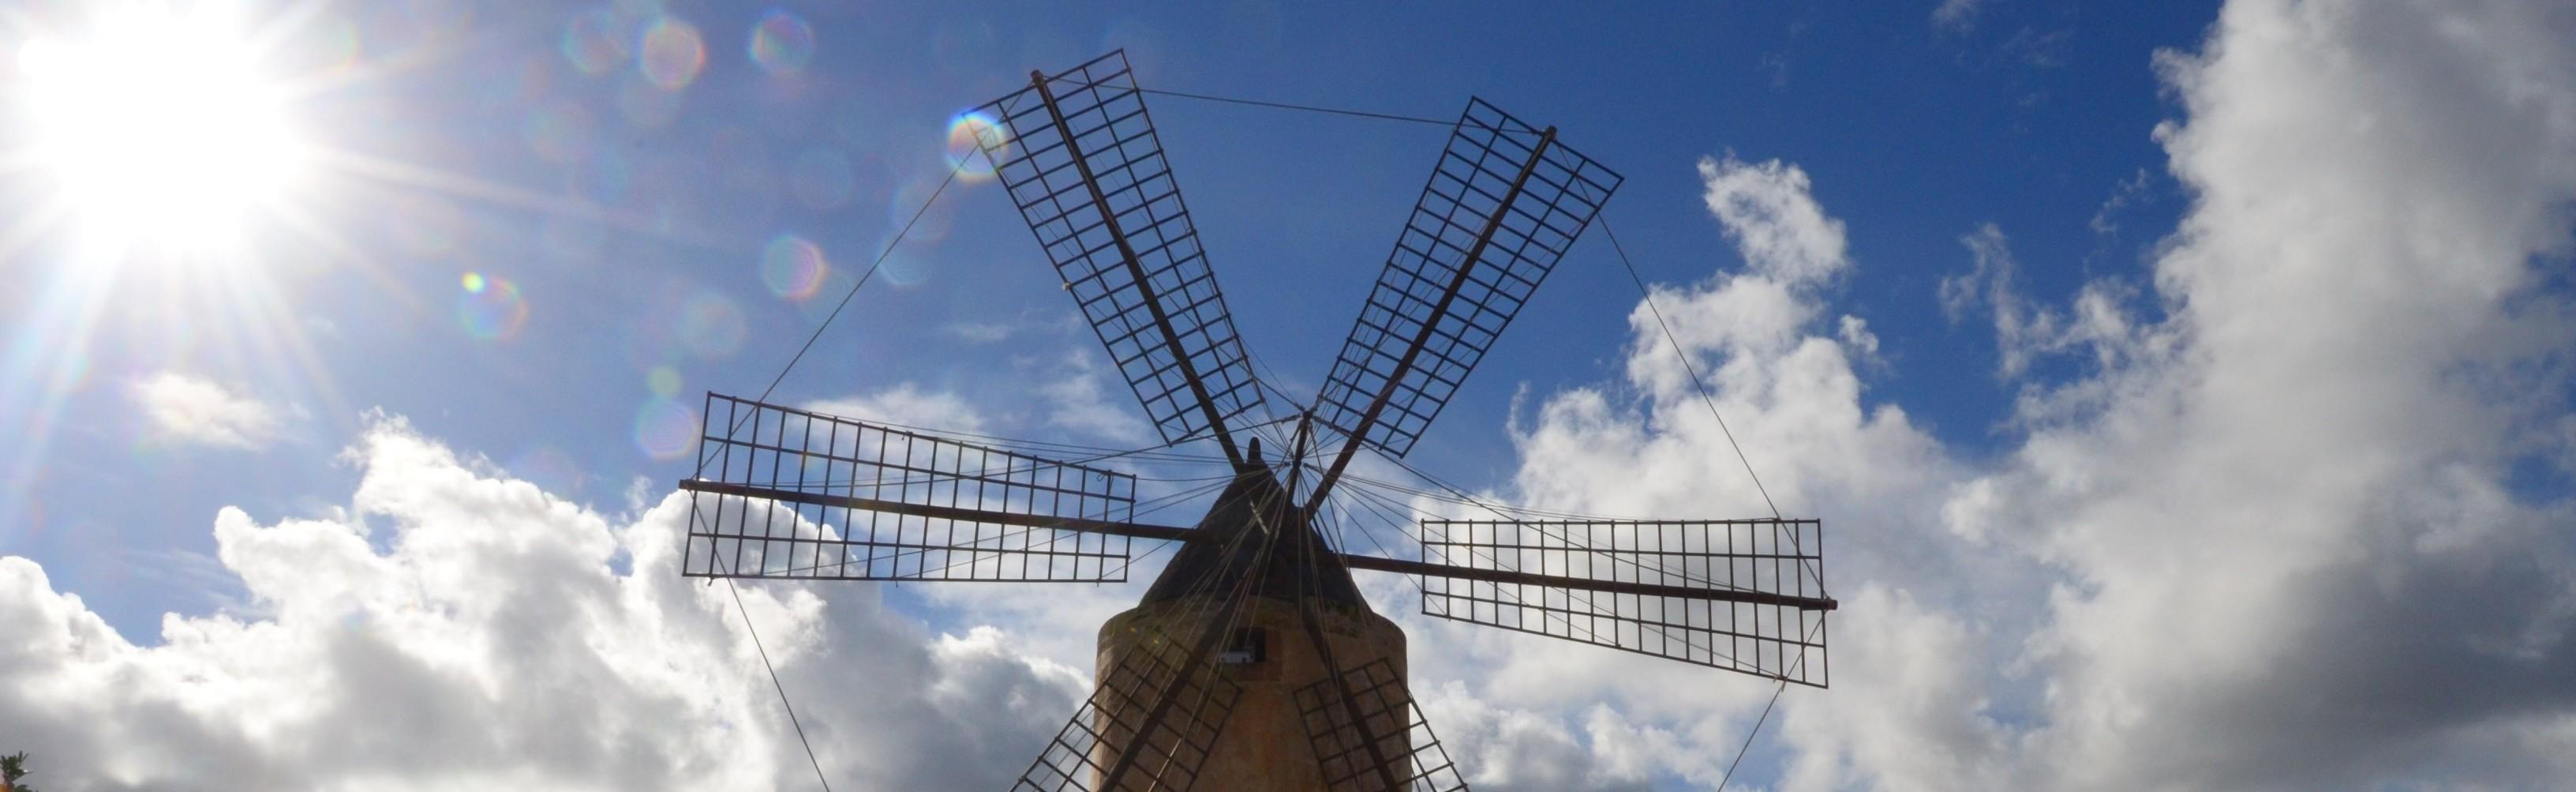 Mallorca Windmühle